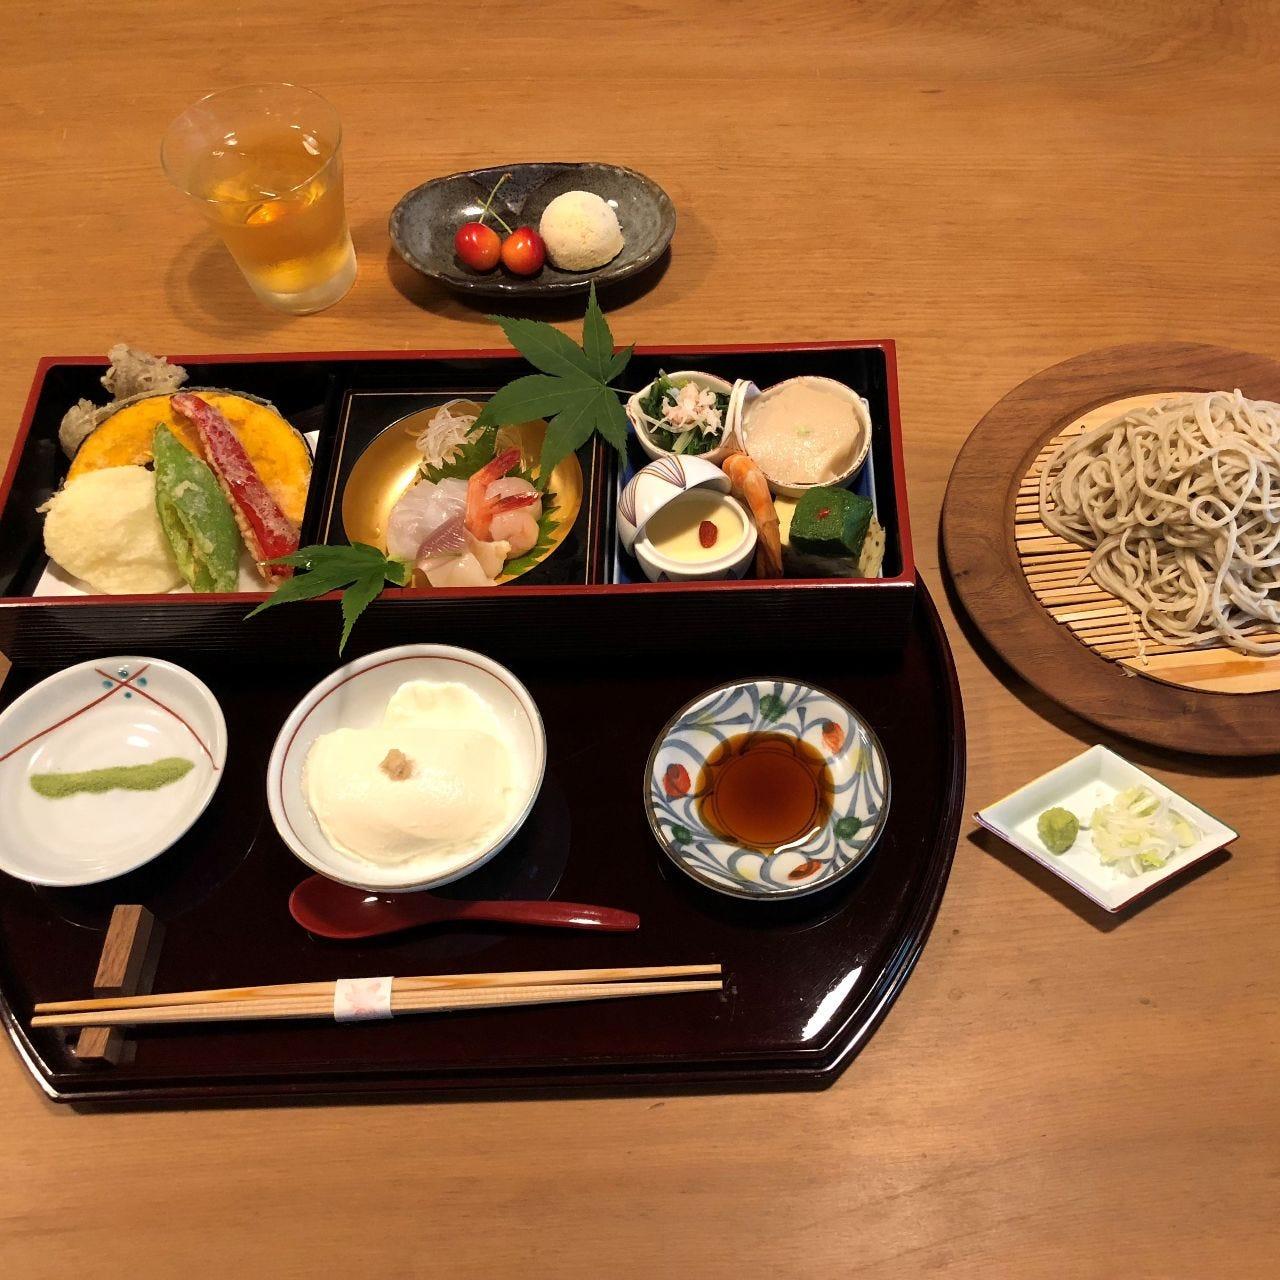 【昼の部】毎日20食限定 お昼御膳 3,000円